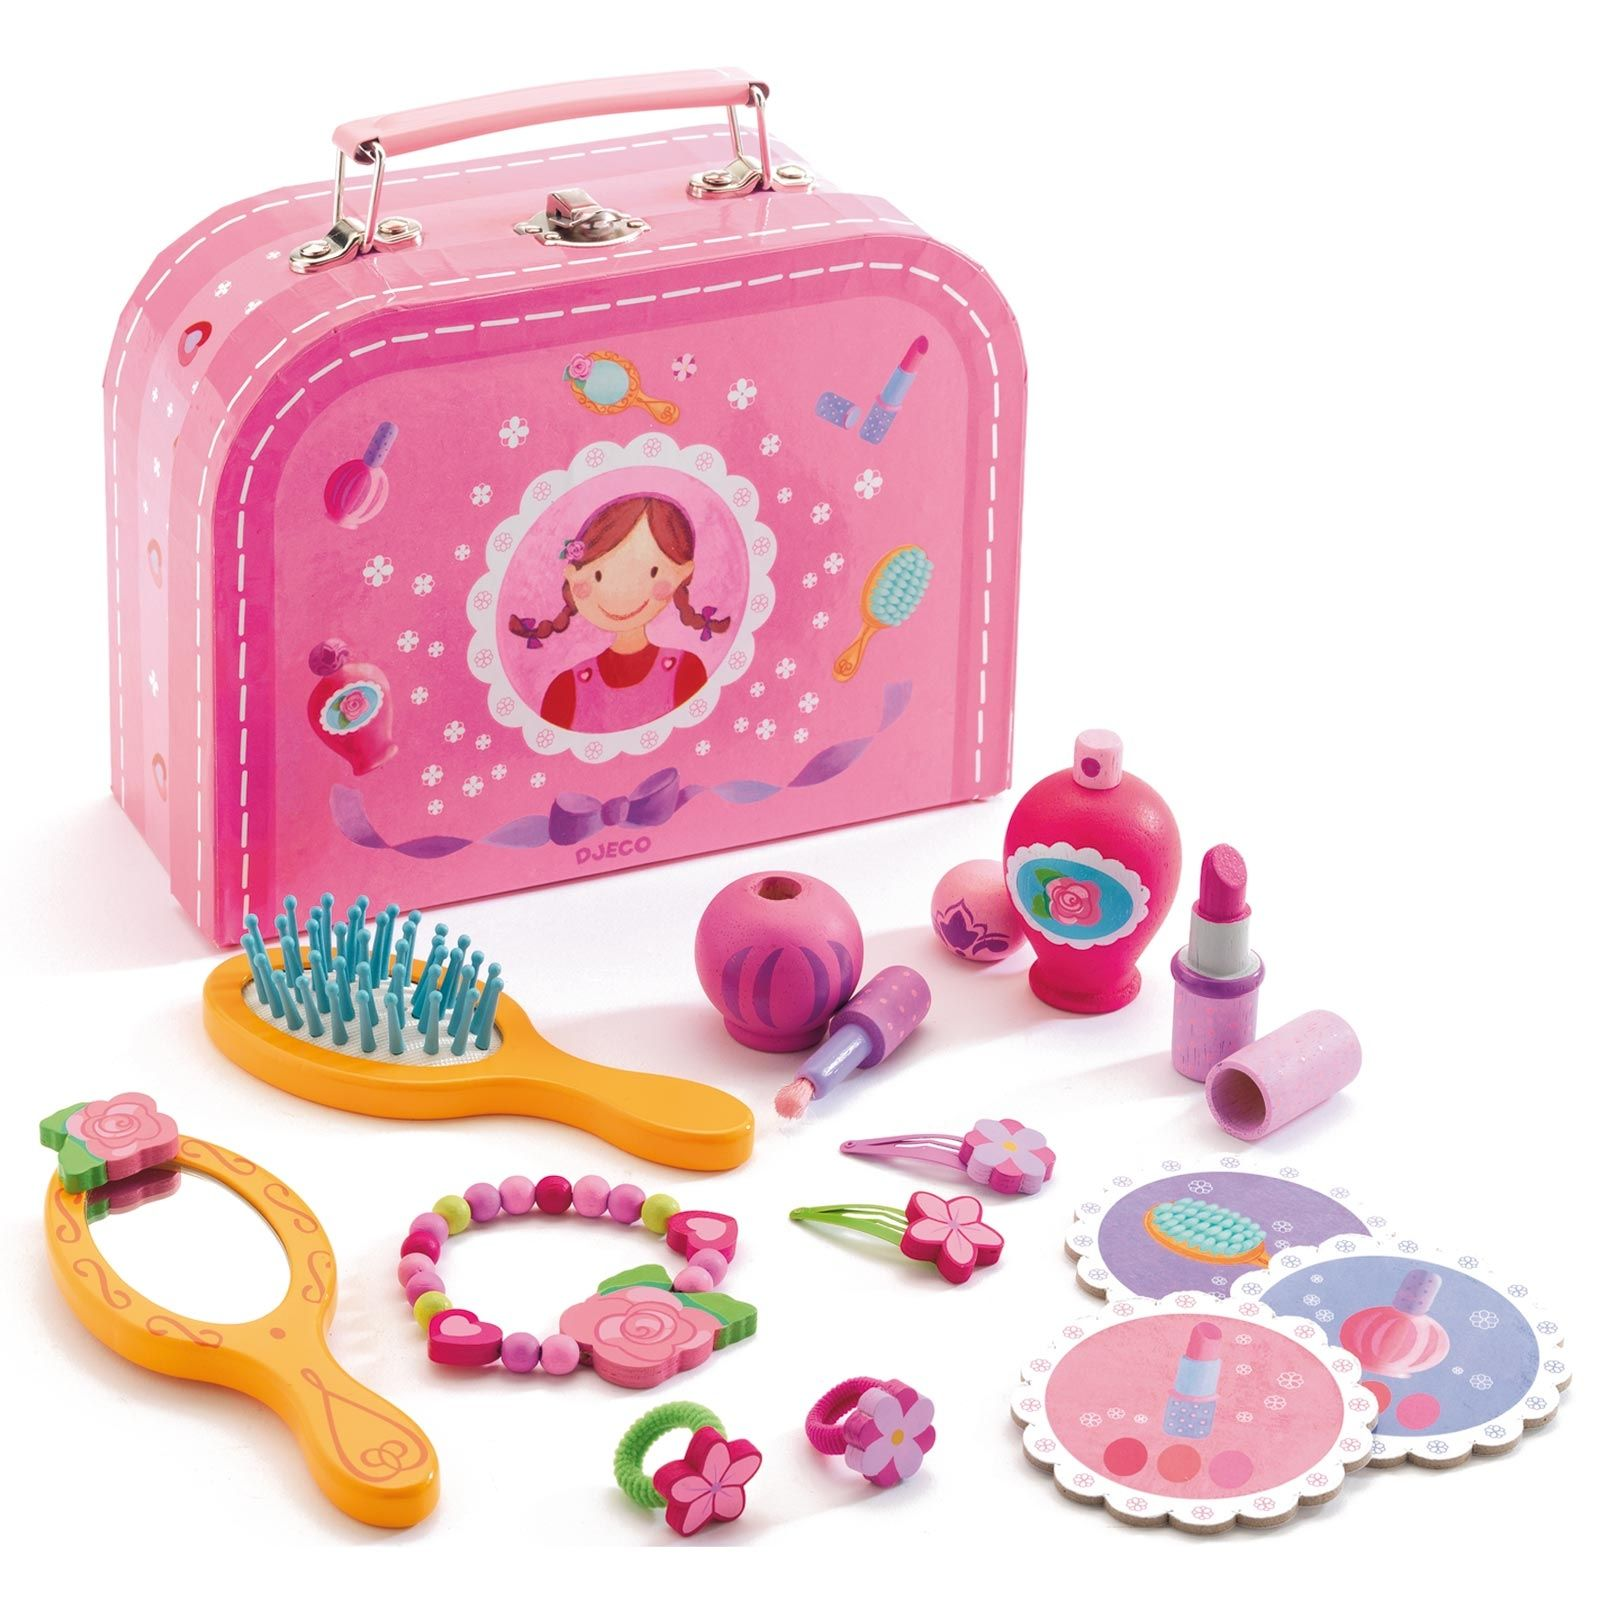 un vanity par djeco pour que les petites filles coquettes aient tout le necessaire pour se faire jolie